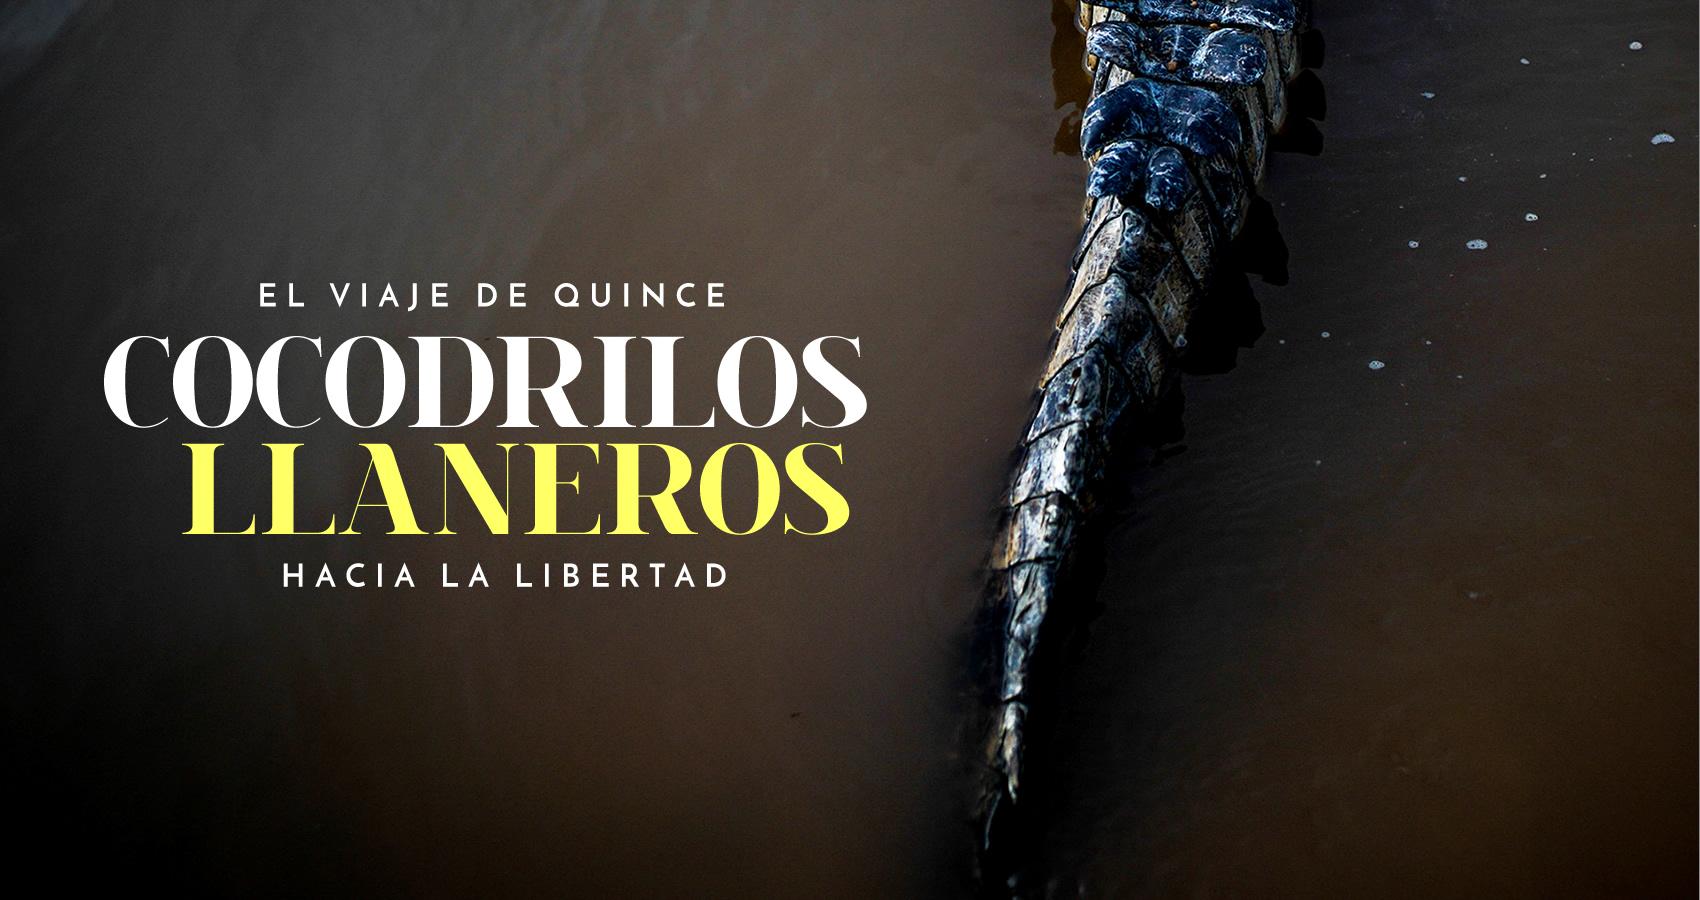 El viaje de quince cocodrilos llaneros hacia la libertad